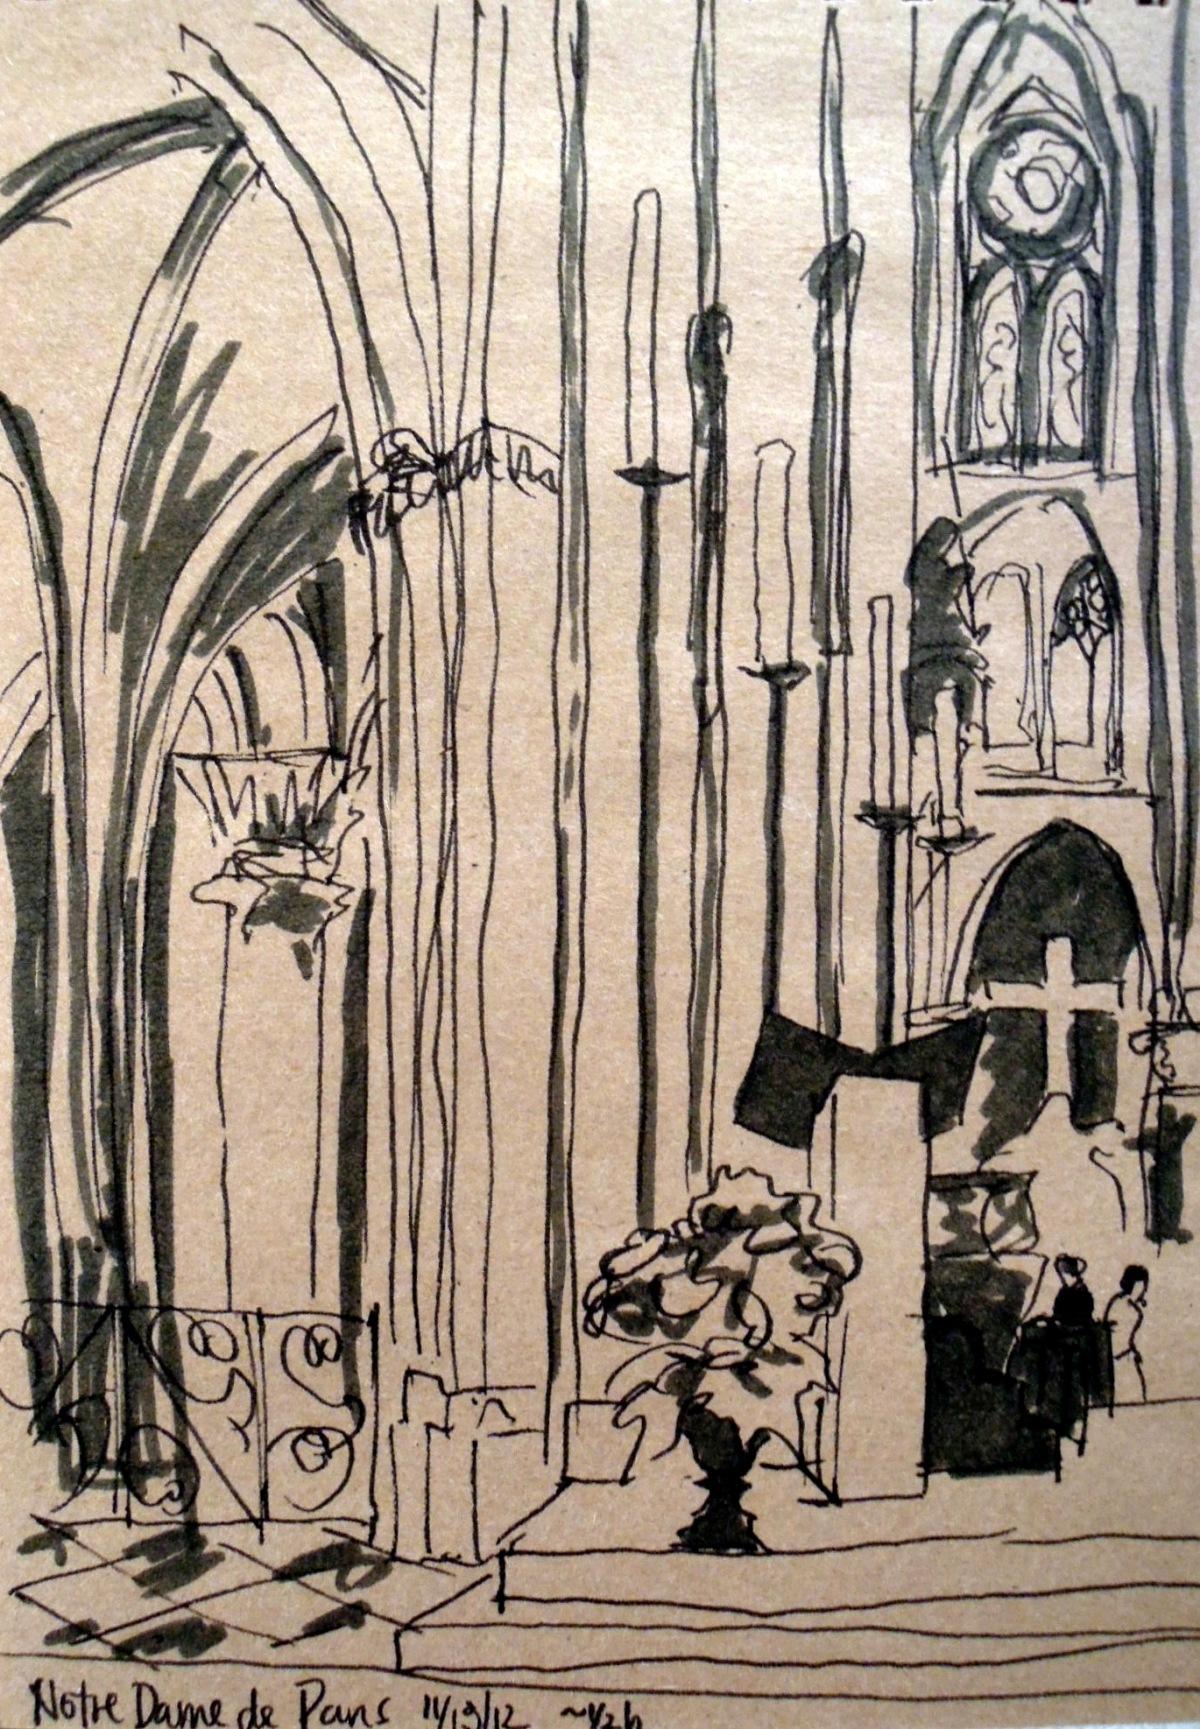 Sketch inside Notre Dame